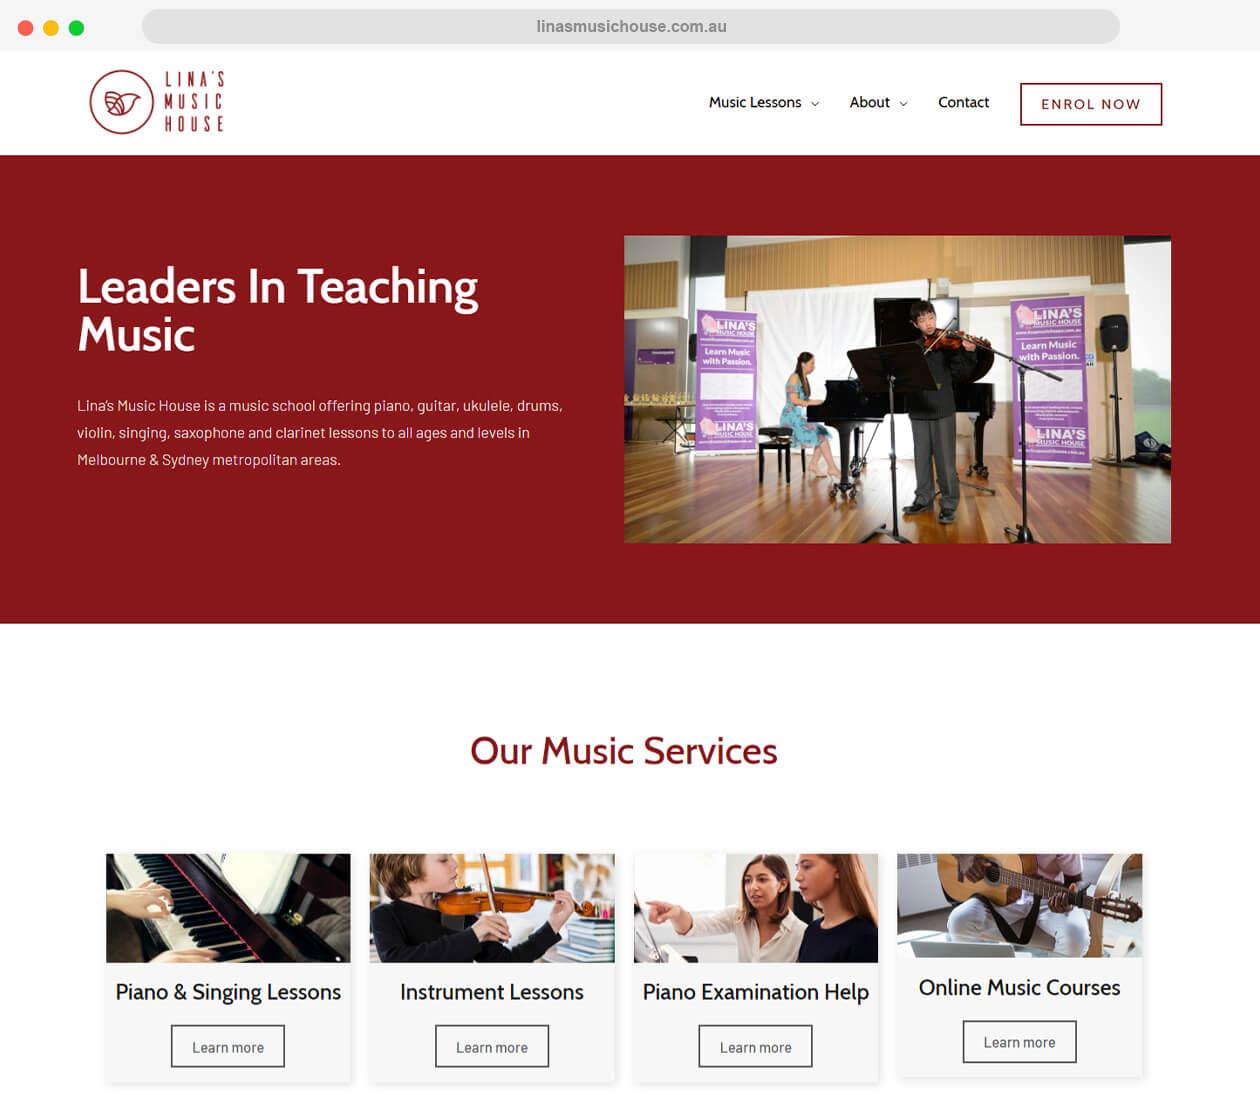 linasmusichouse.com.au-website